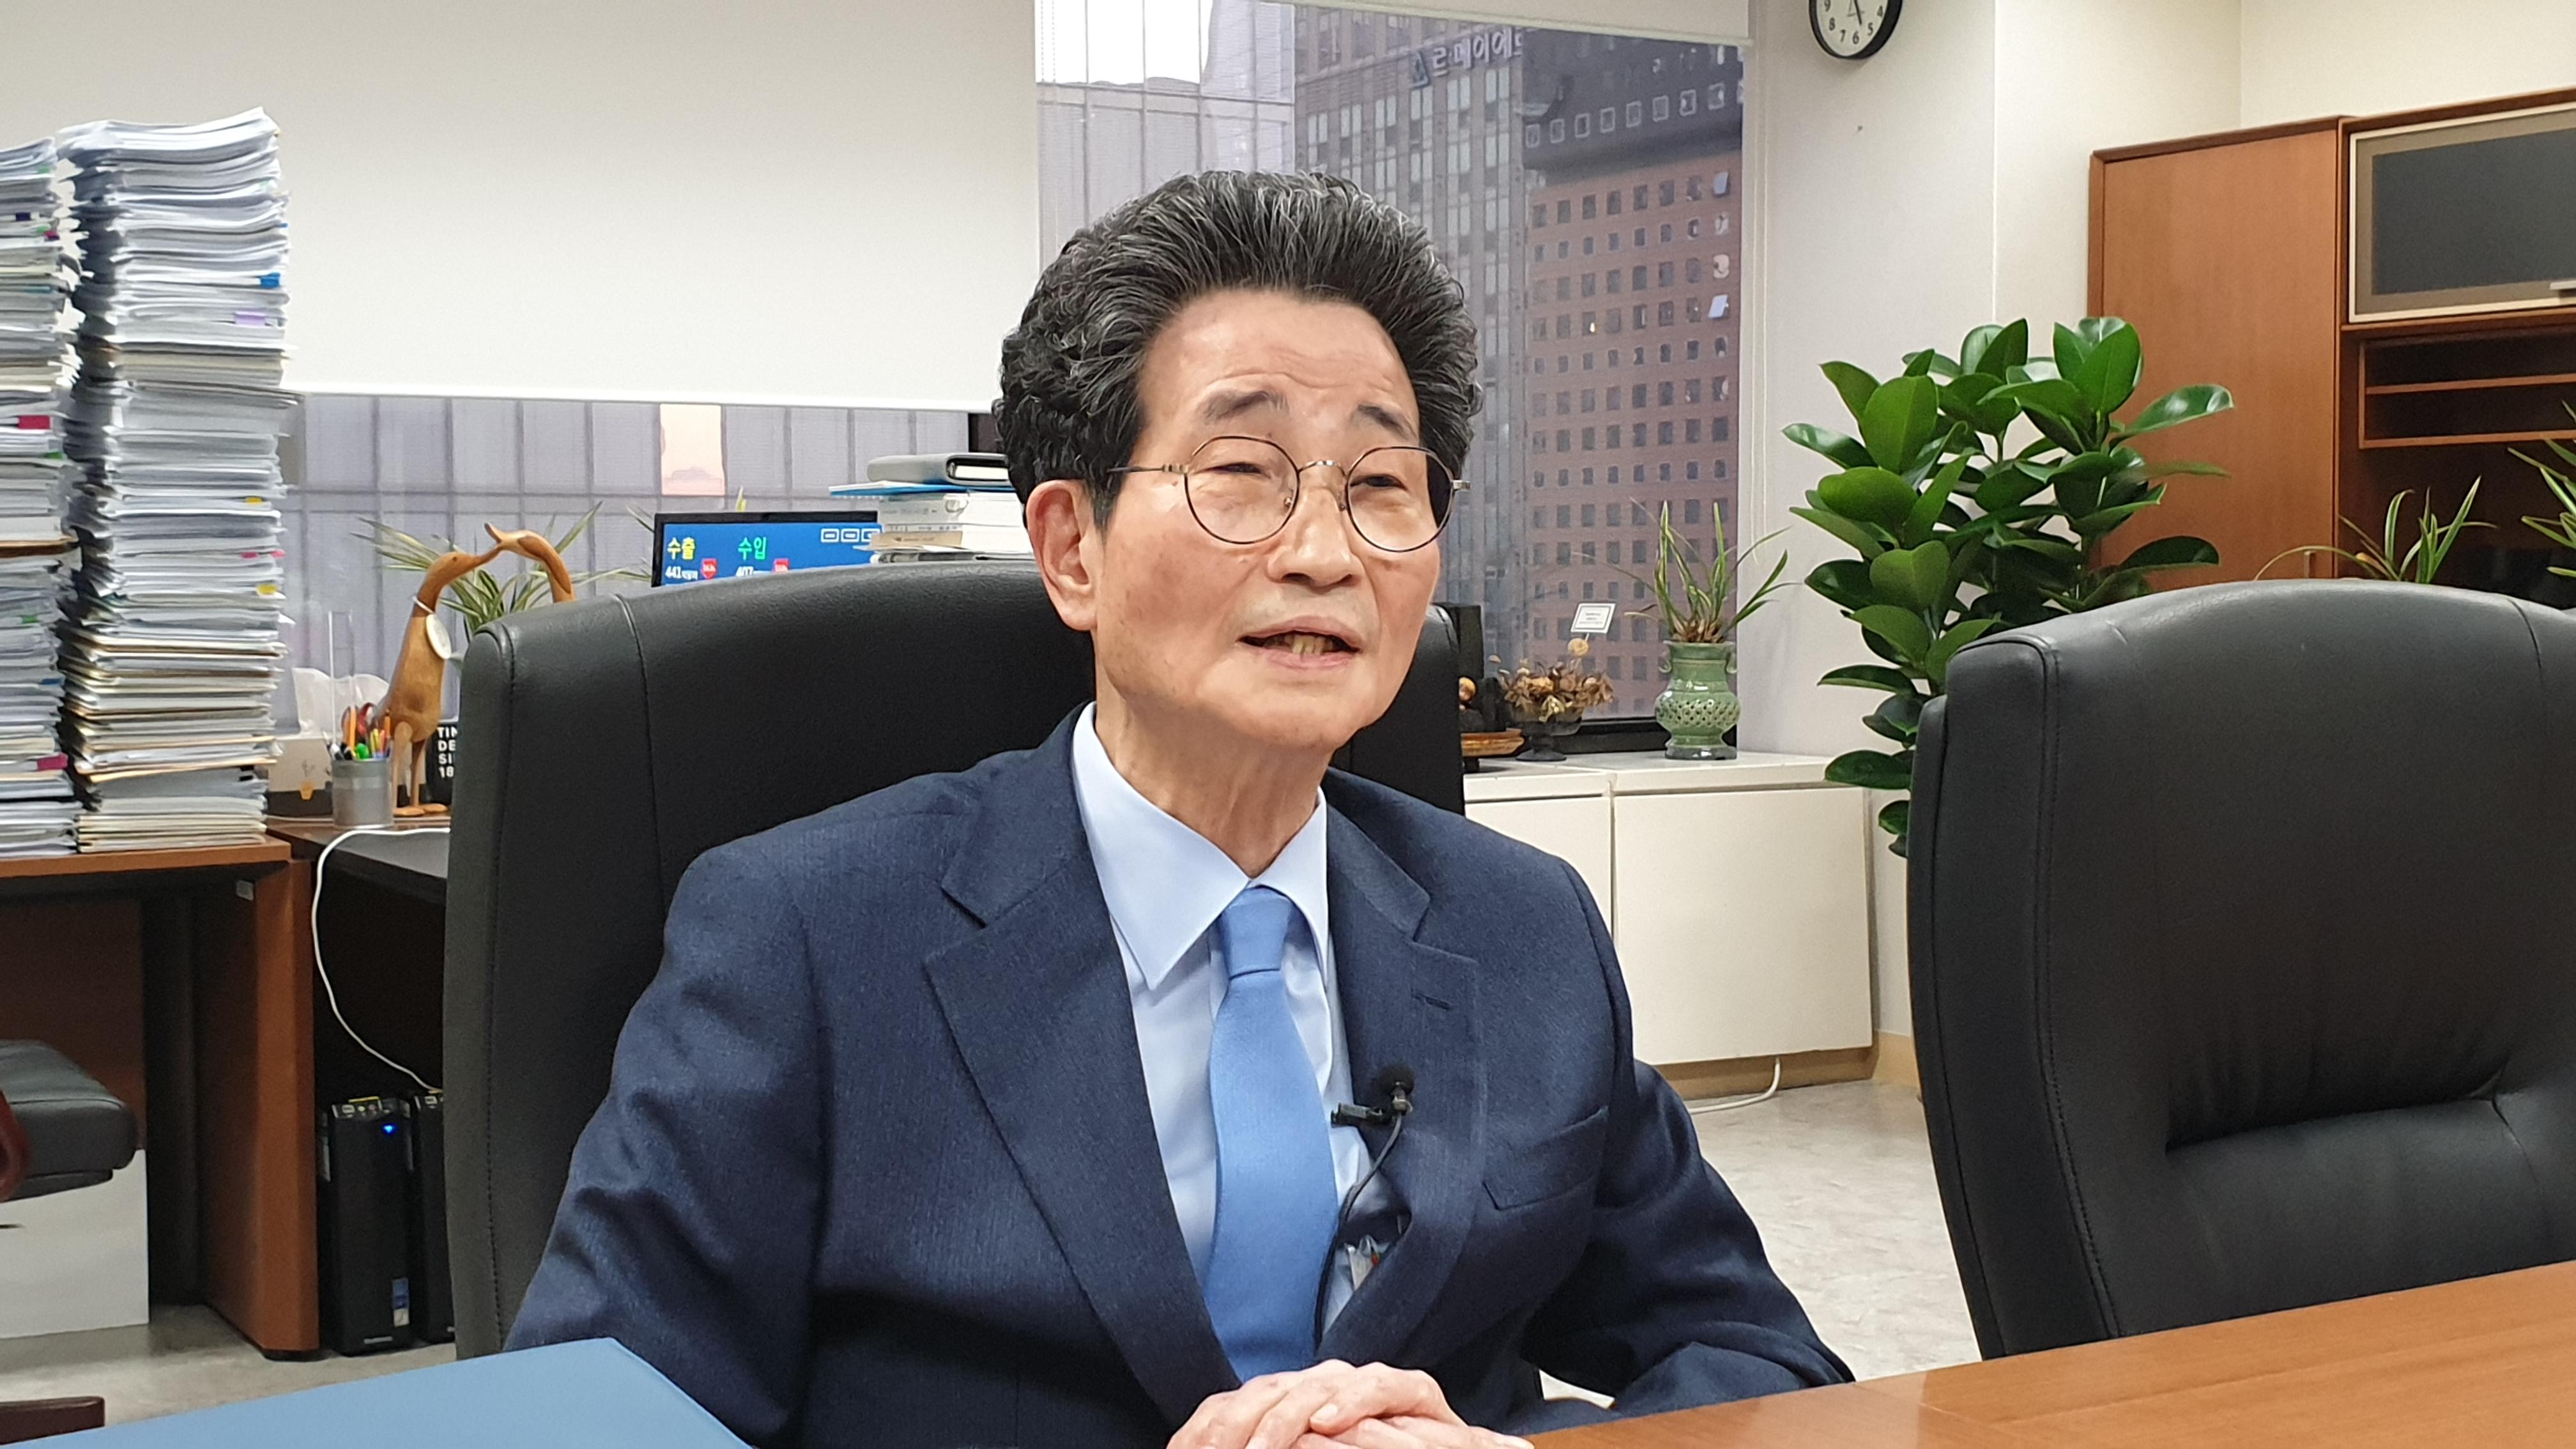 tbs와 인터뷰하는 이목희 일자리위원회 부위원장